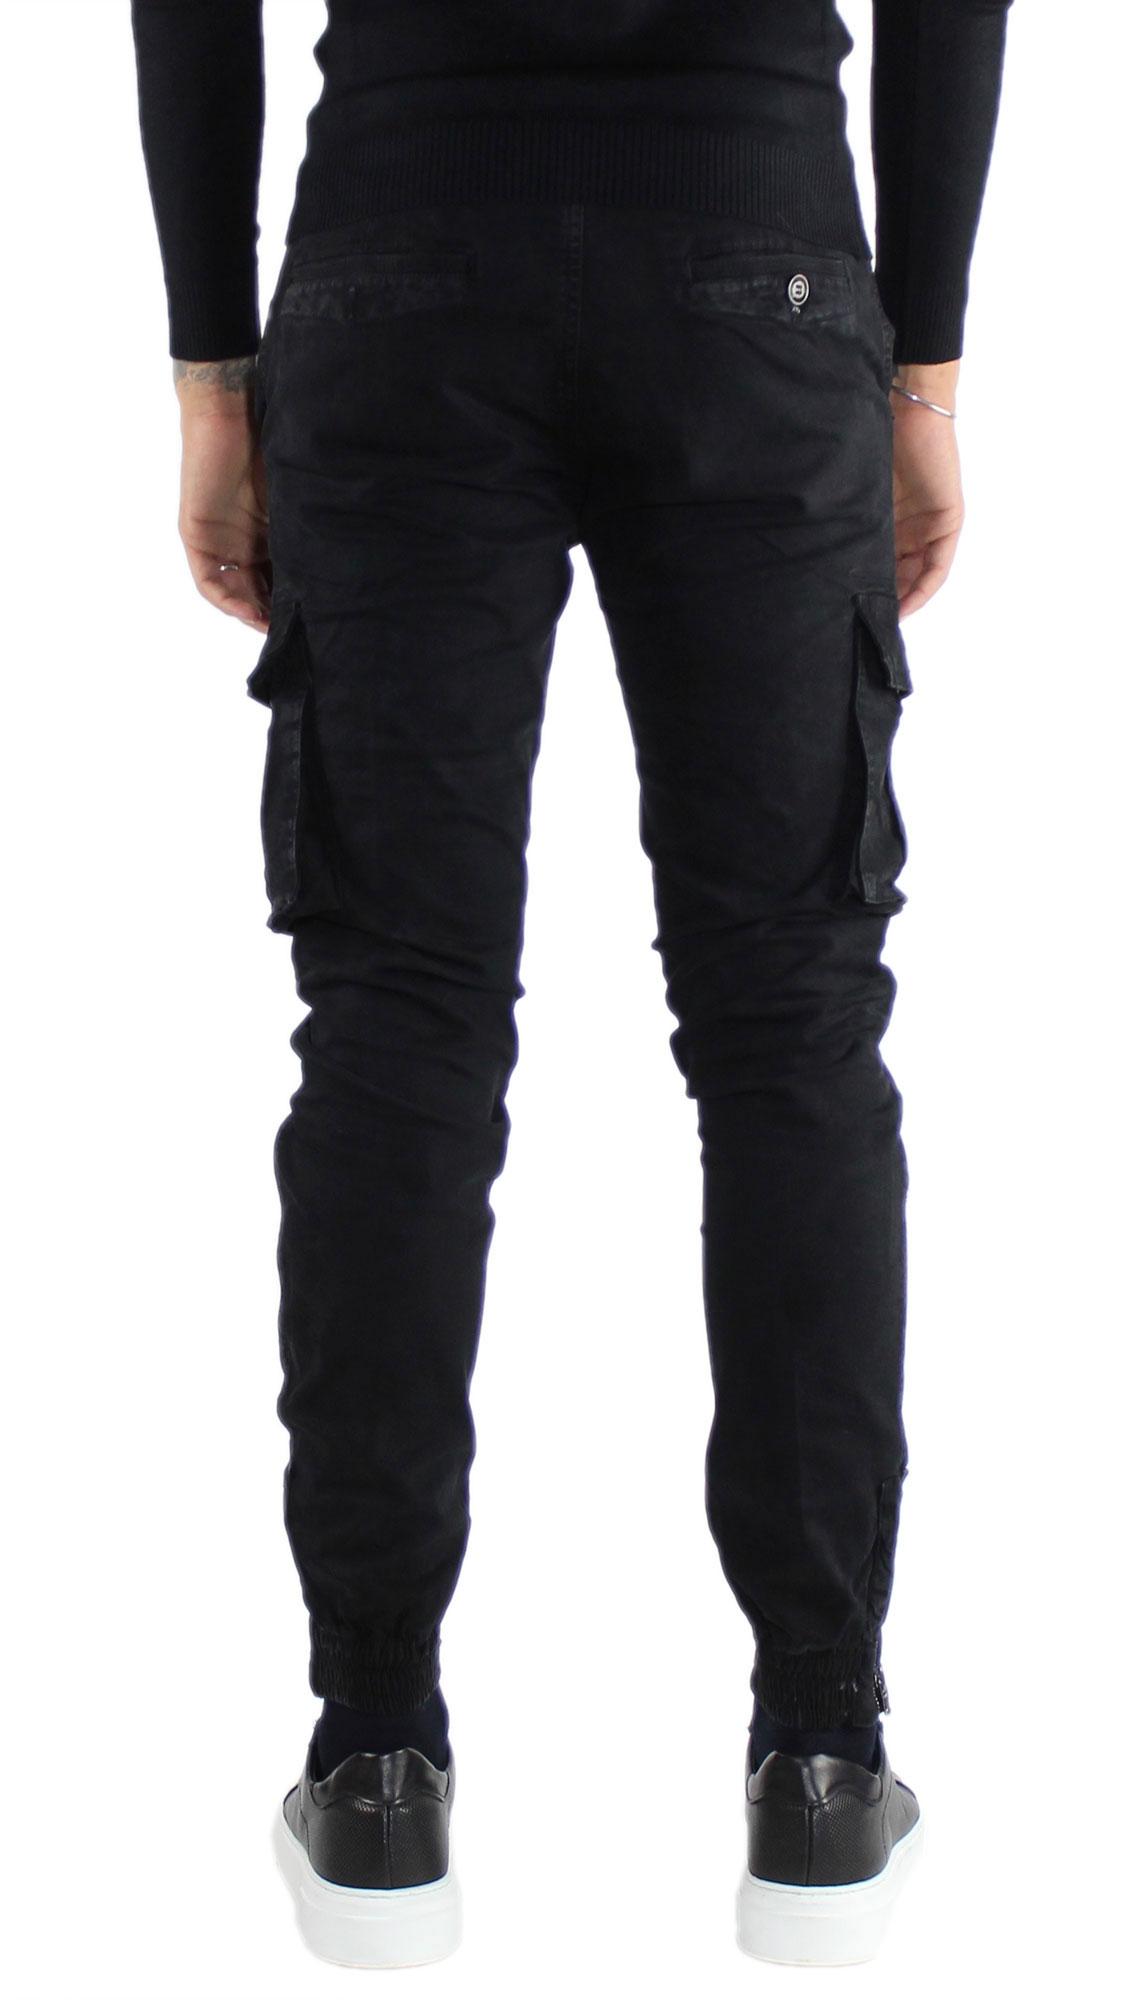 Pantaloni-Cargo-Uomo-Tasche-Laterali-Invernali-Cotone-Slim-Fit-Tasconi-Casual miniatura 17